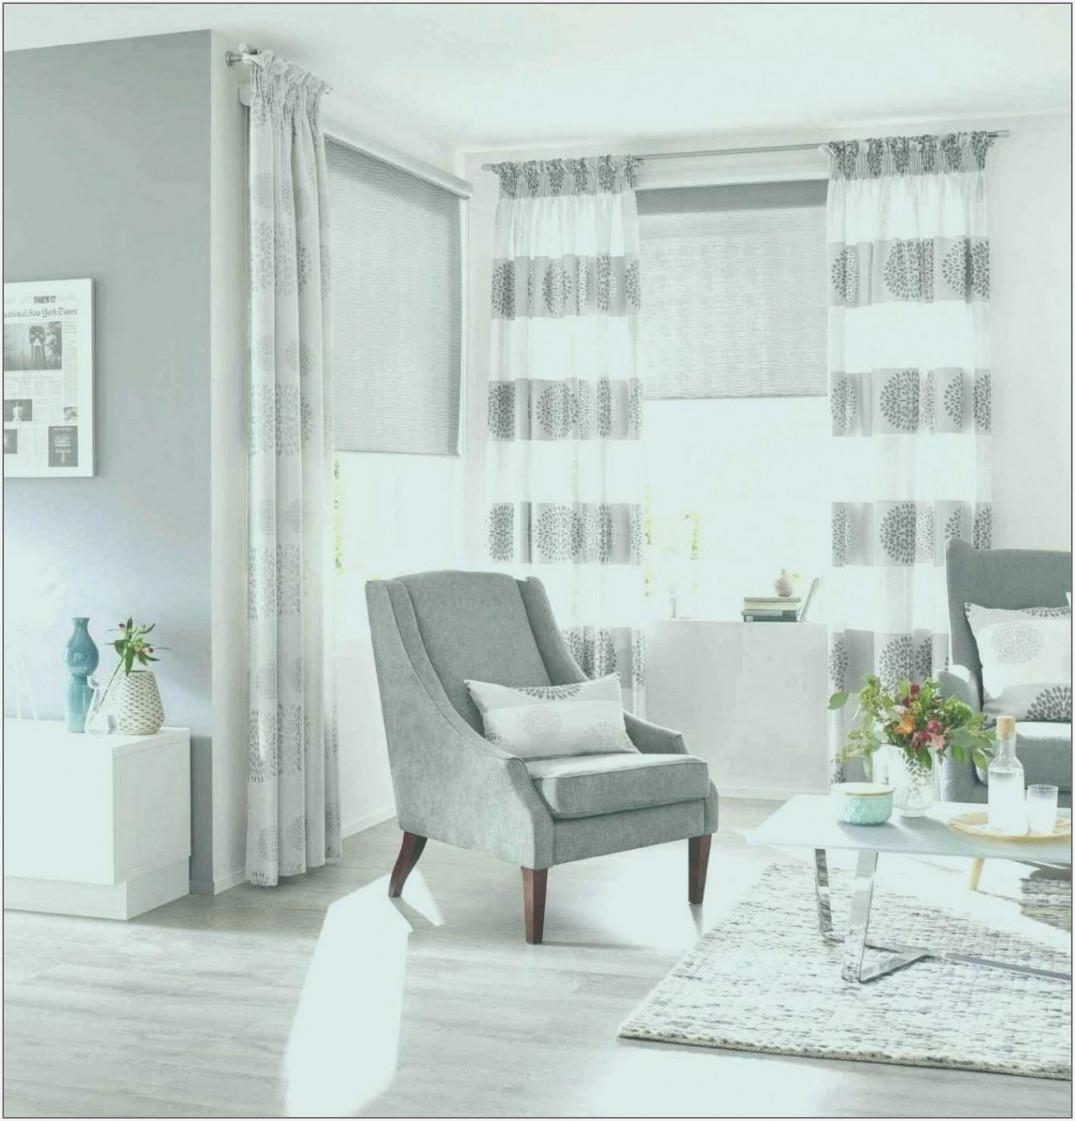 Gardinen Für Wohnzimmer Ideen  Wohnzimmer  Traumhaus von Türkische Wohnzimmer Gardinen Bild